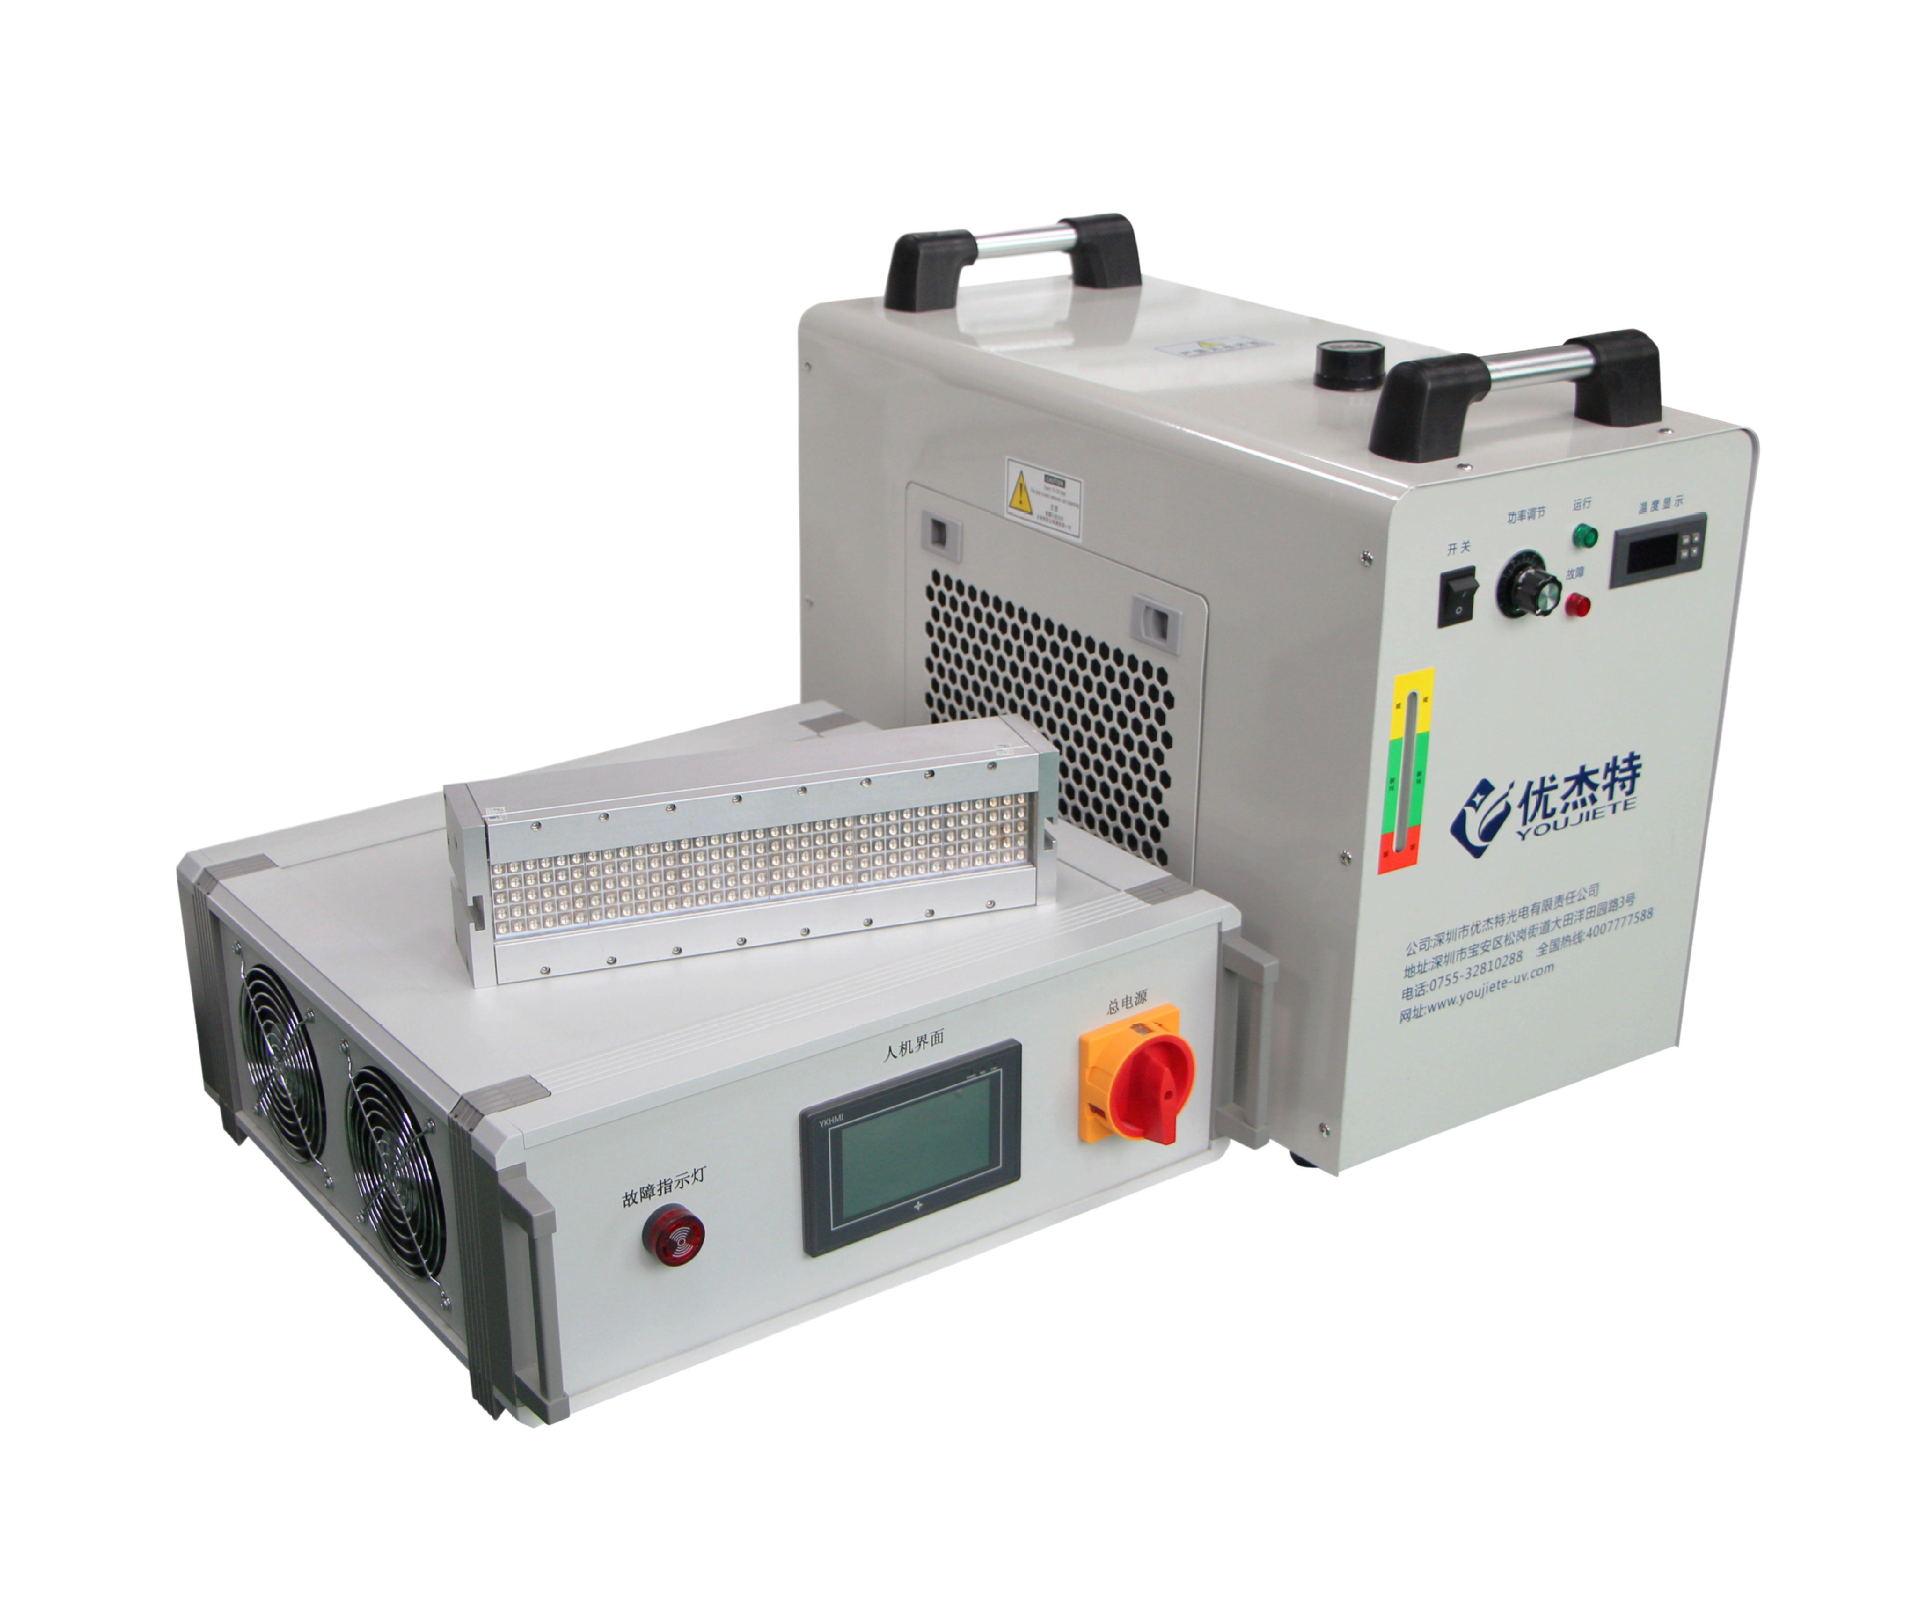 油墨固化机_带流水线UVLED固化系统固化UV胶UVLED油墨固化机